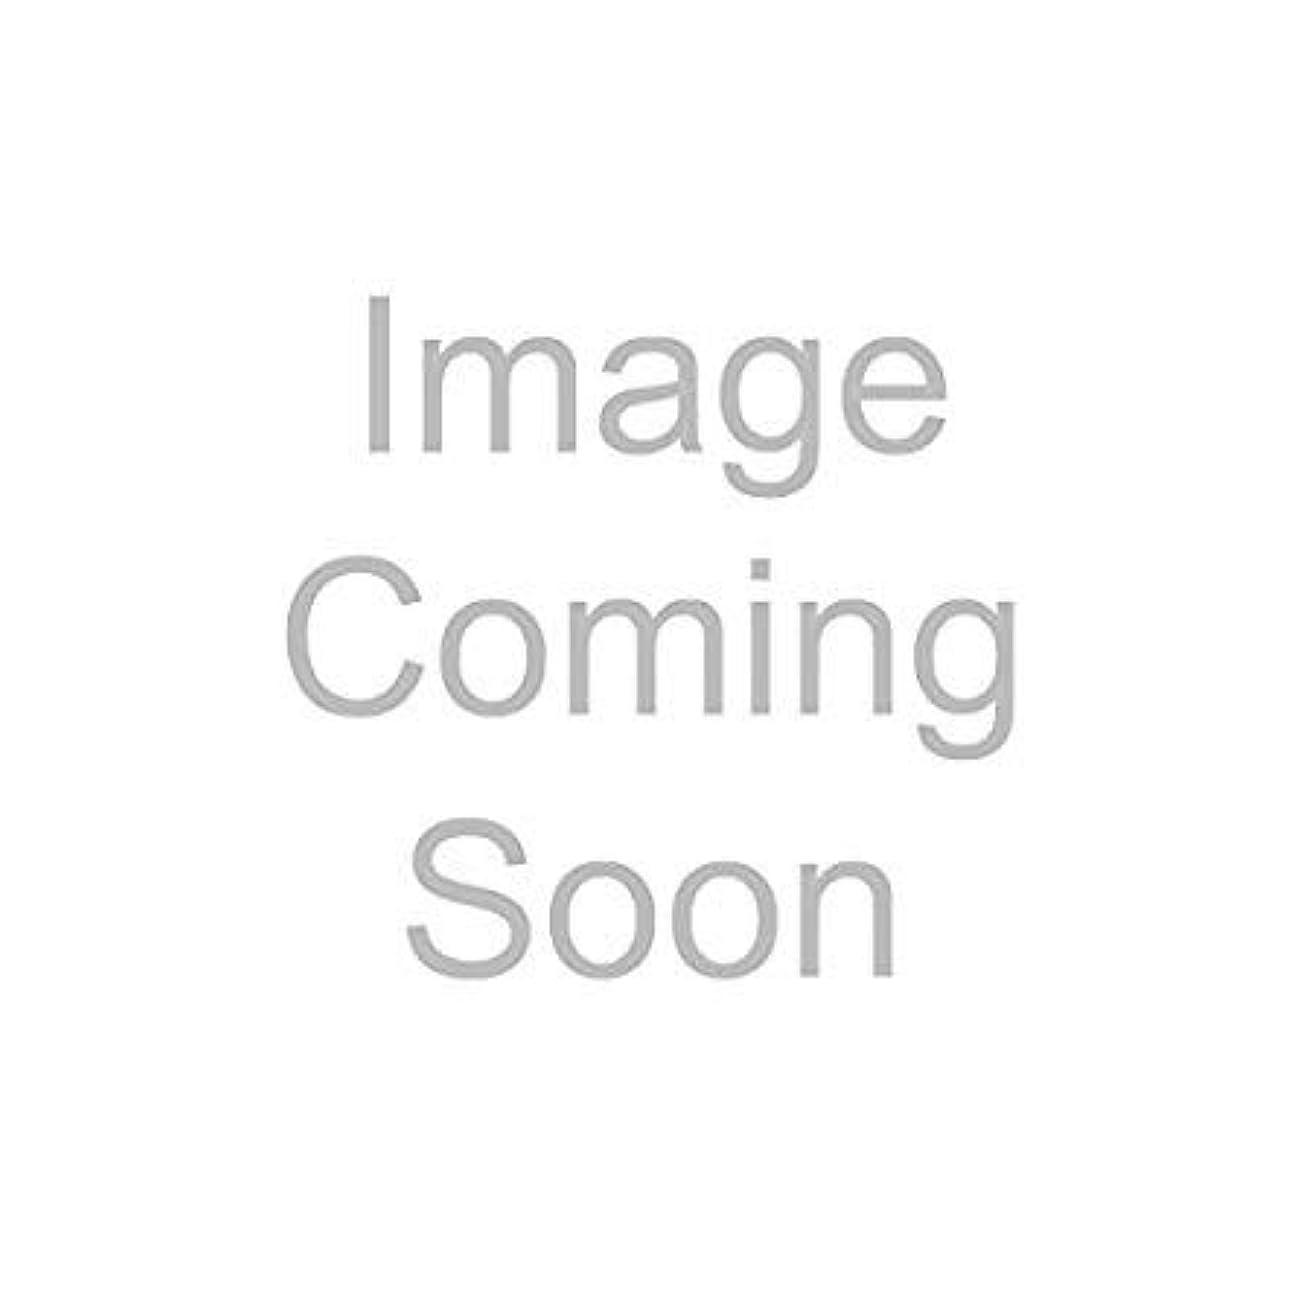 成長ピボット悲しみエスティローダー デイウェアアドバンスドマルチプロテクションアンチオキシダントクリームSPF15(ドライスキン用) 50ml/1.7oz